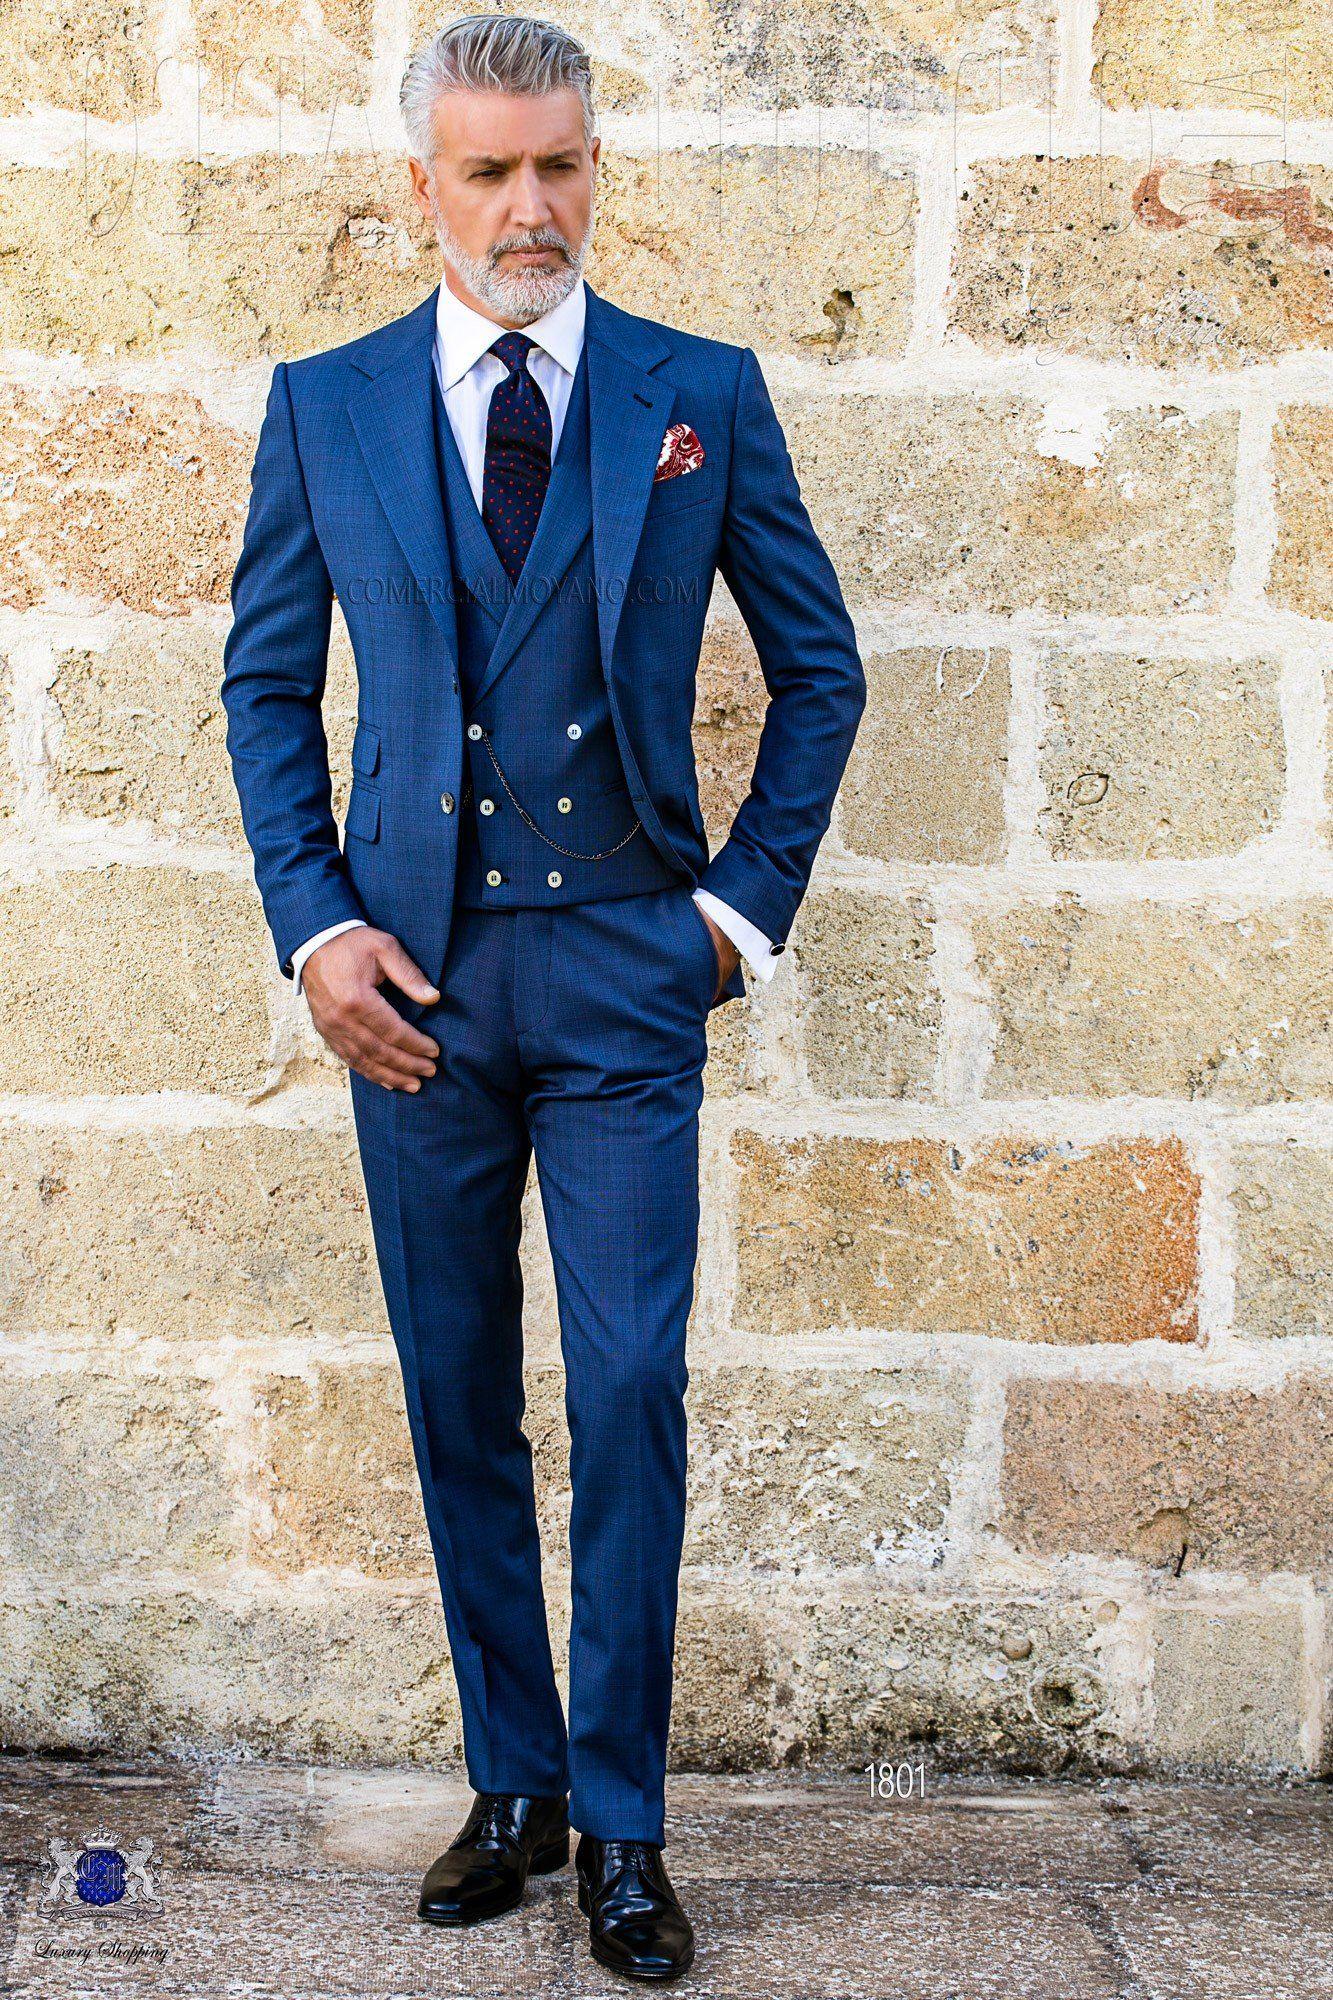 60f7deb8f1465 Traje italiano príncipe de gales azul y rojo. Traje de novio 1801 Colección  Gentleman Ottavio Nuccio Gala